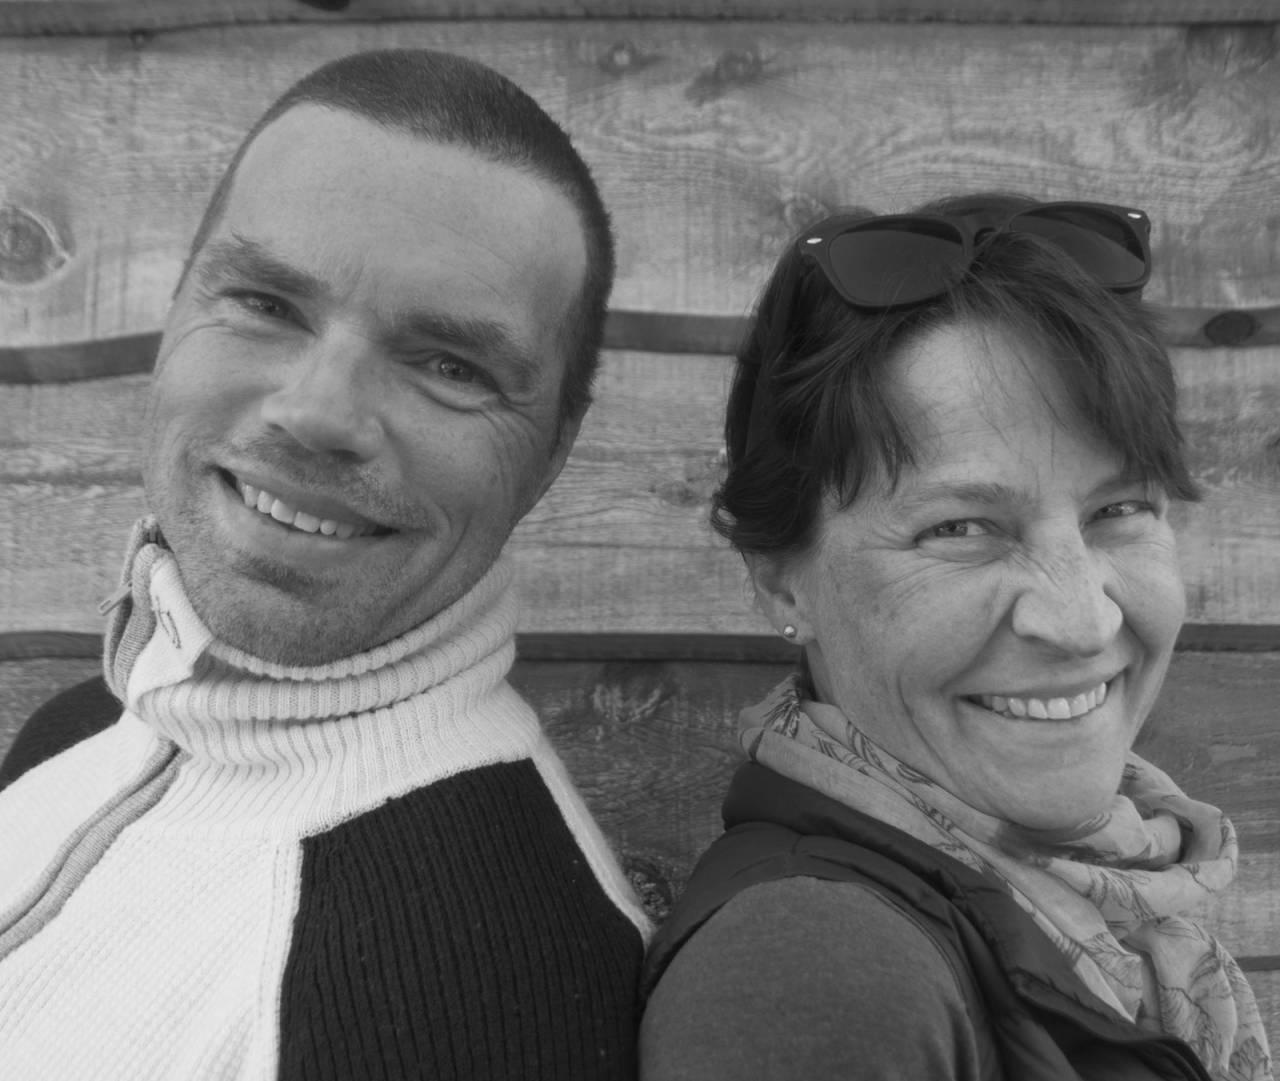 BOKAKTUELLEIGJEN: Julia og Morten Helgesen har en hobby som holder dem gående. De samler på fjelltopper. Sammen driver de Glittertind Forlag. Foto: Gunhild Aaslie Soldal